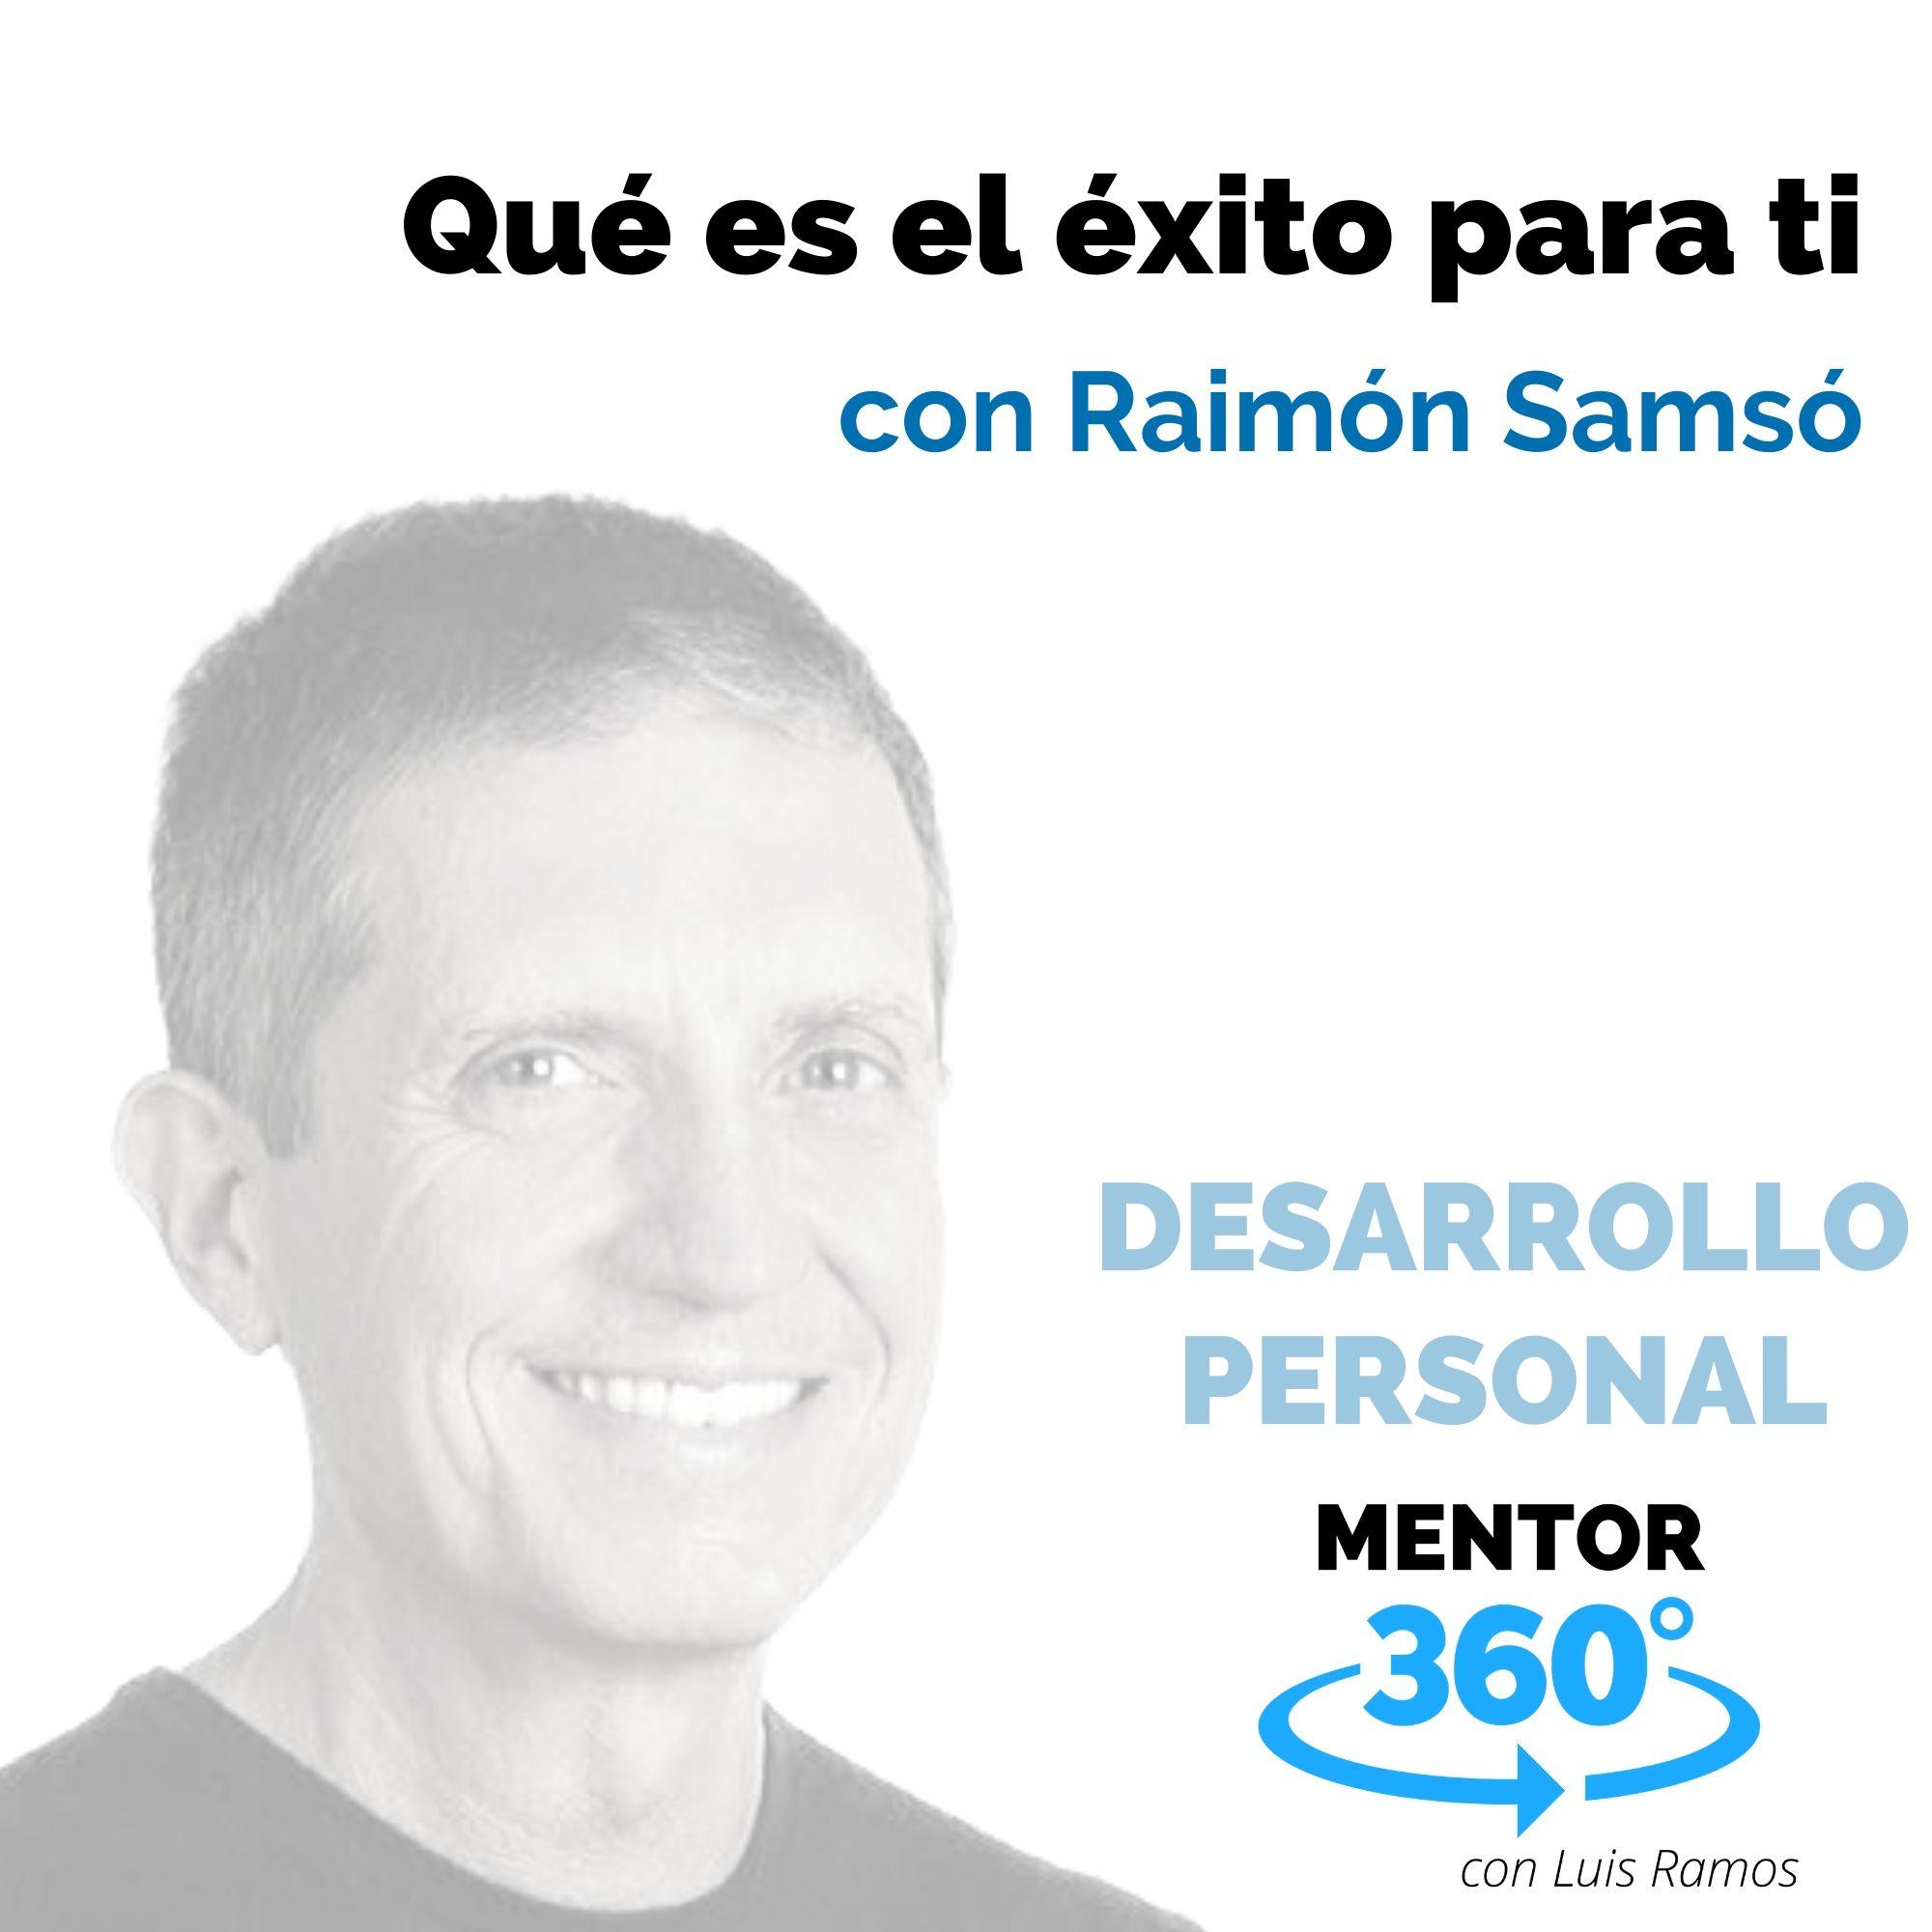 Qué es el éxito para ti, con Raimón Samsó - DESARROLLO PERSONAL